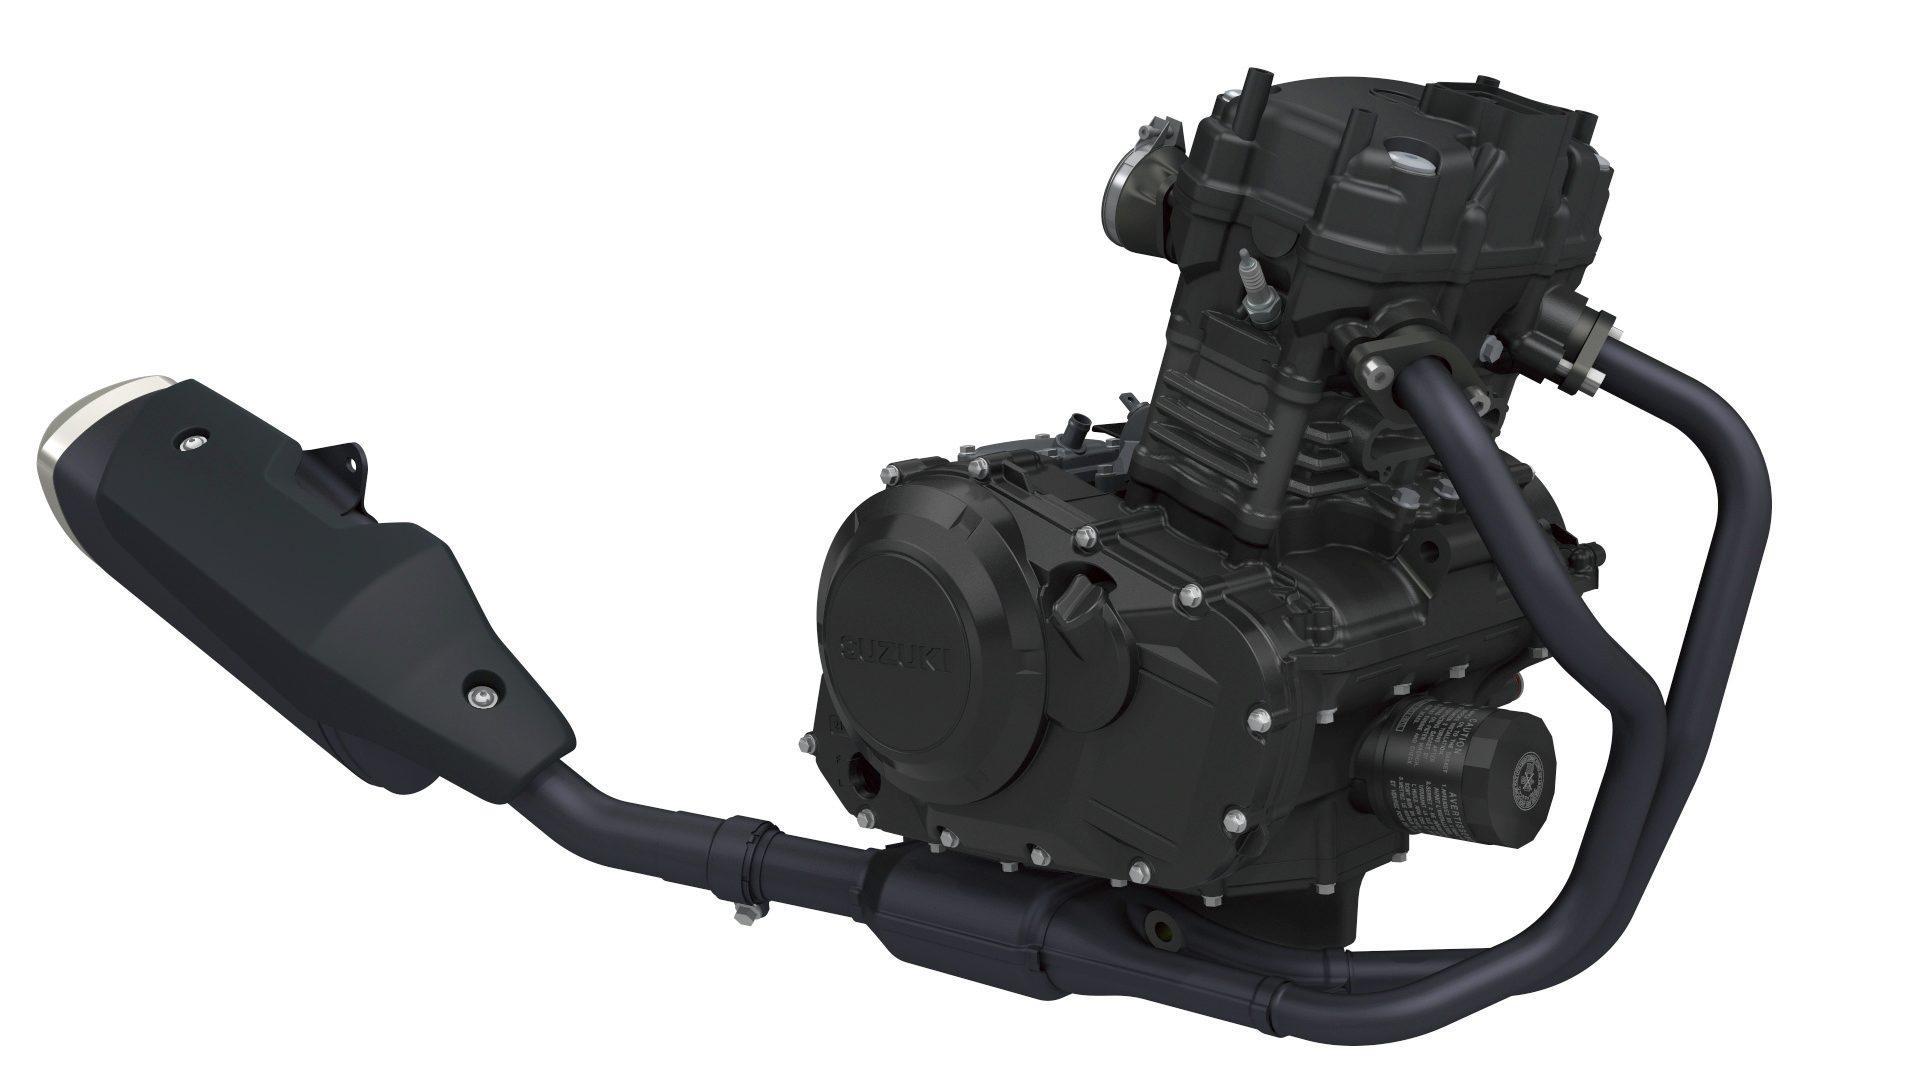 Suzuki V Strom Specs